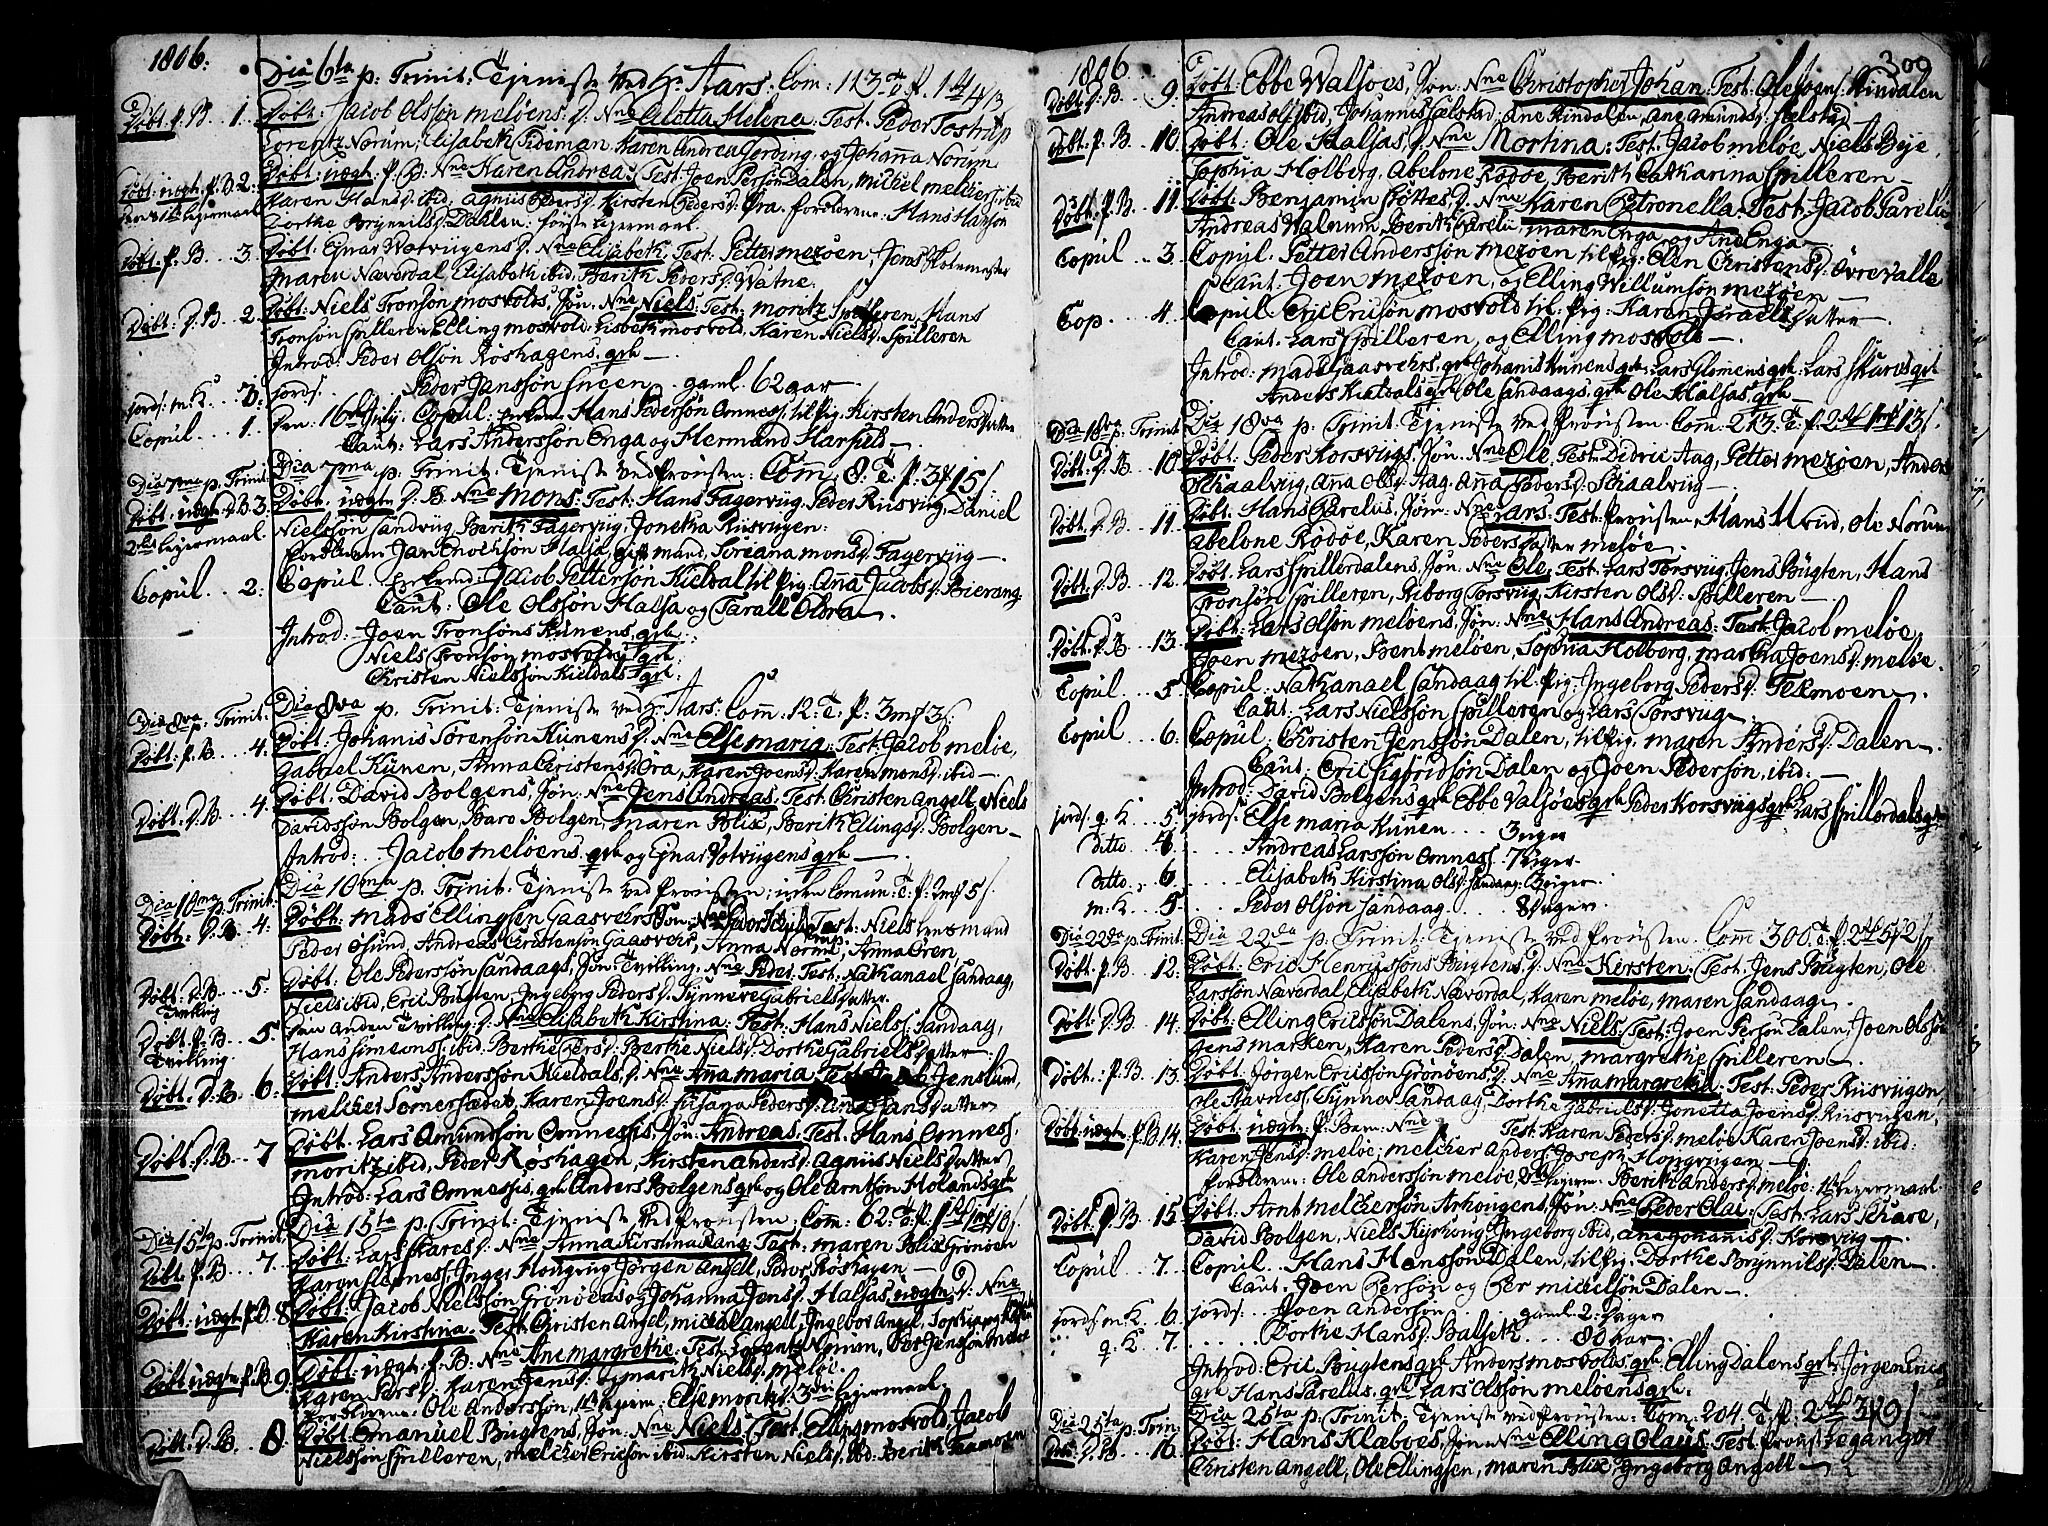 SAT, Ministerialprotokoller, klokkerbøker og fødselsregistre - Nordland, 841/L0591: Parish register (official) no. 841A03 /2, 1777-1819, p. 299-300